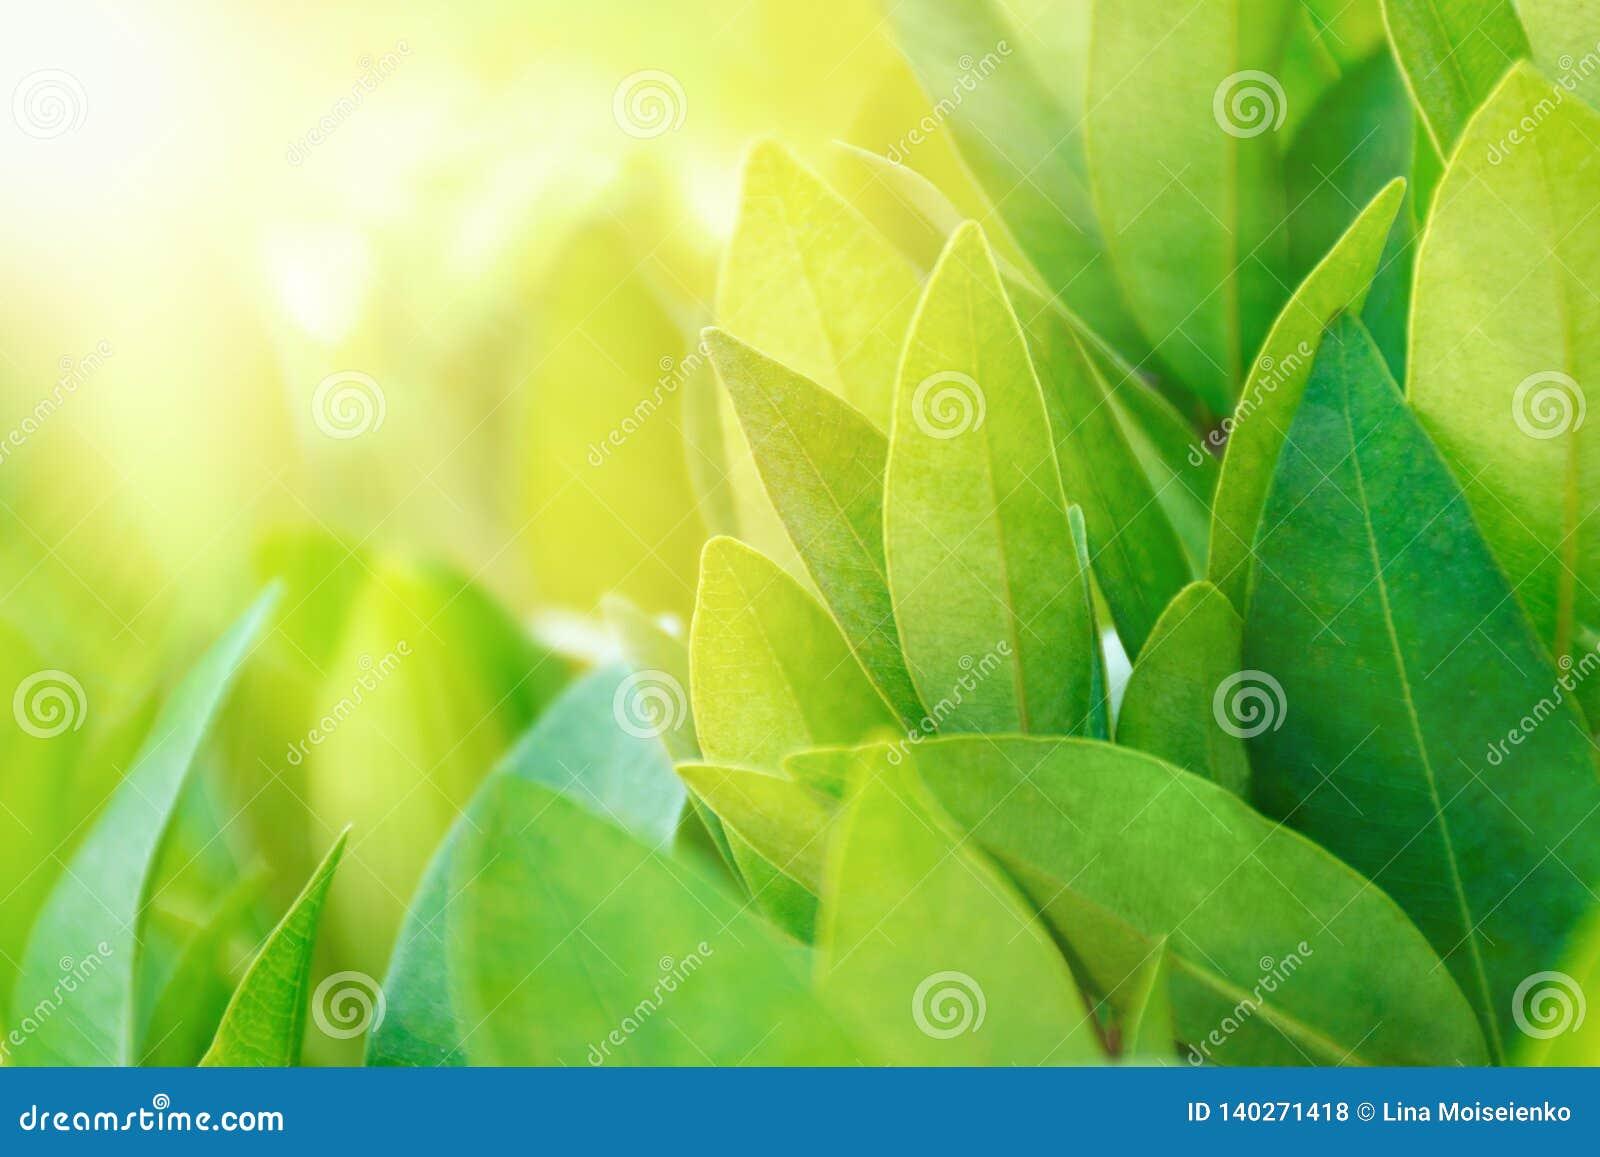 Φύλλα τσαγιού στις ακτίνες φυτειών στον ήλιο Φρέσκος πράσινος θάμνος τσαγιού